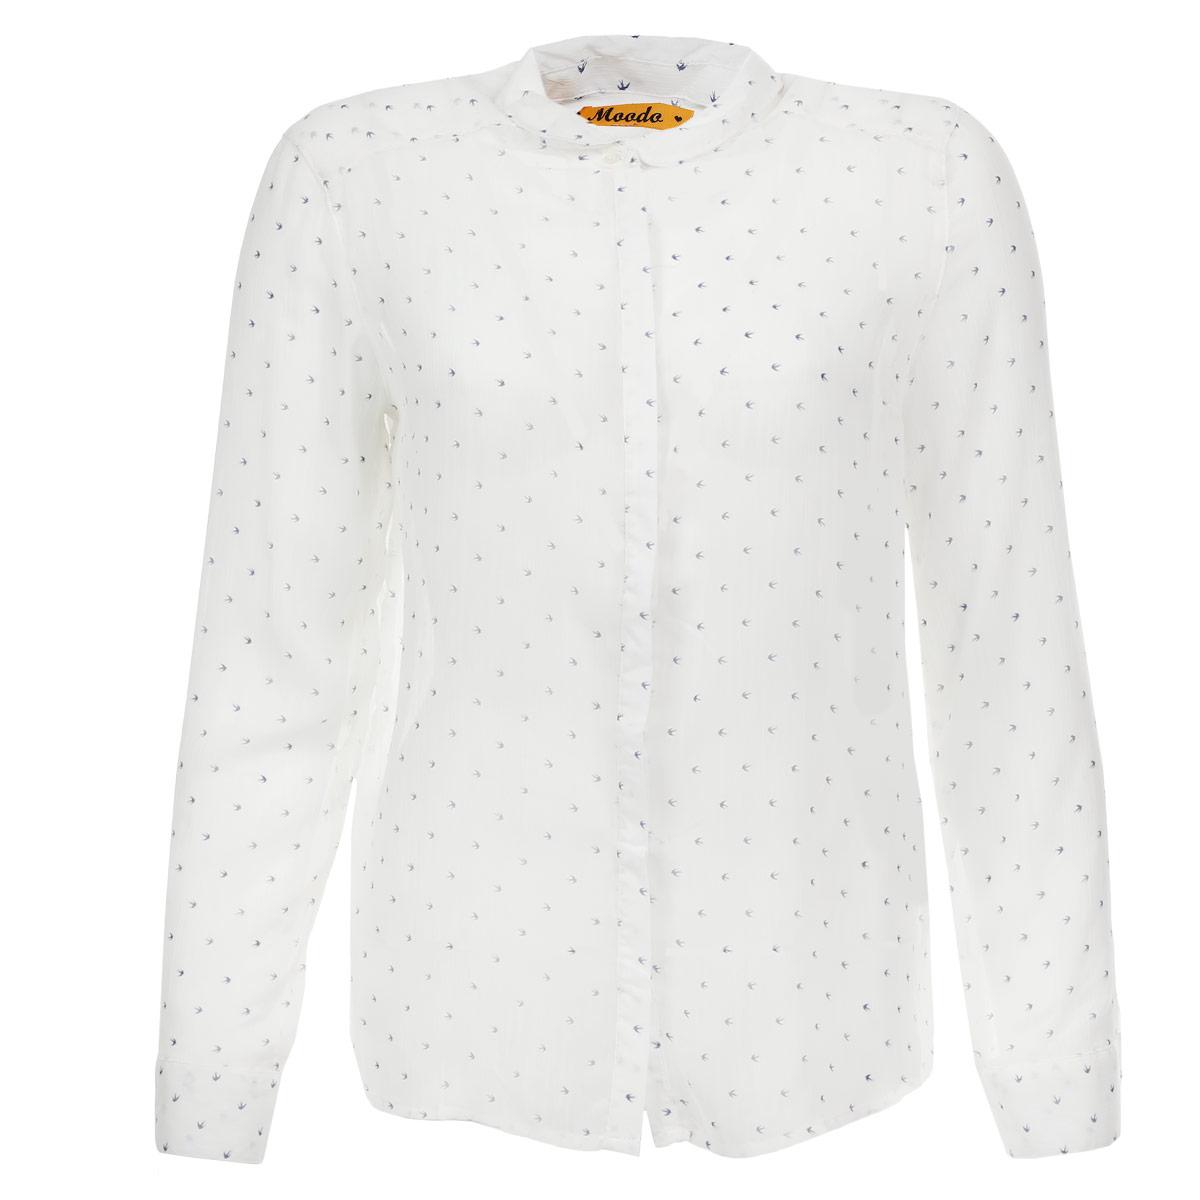 БлузкаL-KO-1721 NAVYСтильная женская блуза Moodo, выполненная из высококачественного полупрозрачного материала, подчеркнет ваш уникальный стиль. Модная блузка свободного кроя с длинными рукавами и отложным воротником поможет вам создать неповторимый образ. Изделие оформлено изображением птиц. Эта блуза идеальный вариант для вашего гардероба. Блуза застегивается на пуговицы спереди. Рукава оснащены манжетами на пуговицах. Такая блузка будет дарить вам комфорт в течение всего дня и послужит замечательным дополнением к вашему гардеробу.